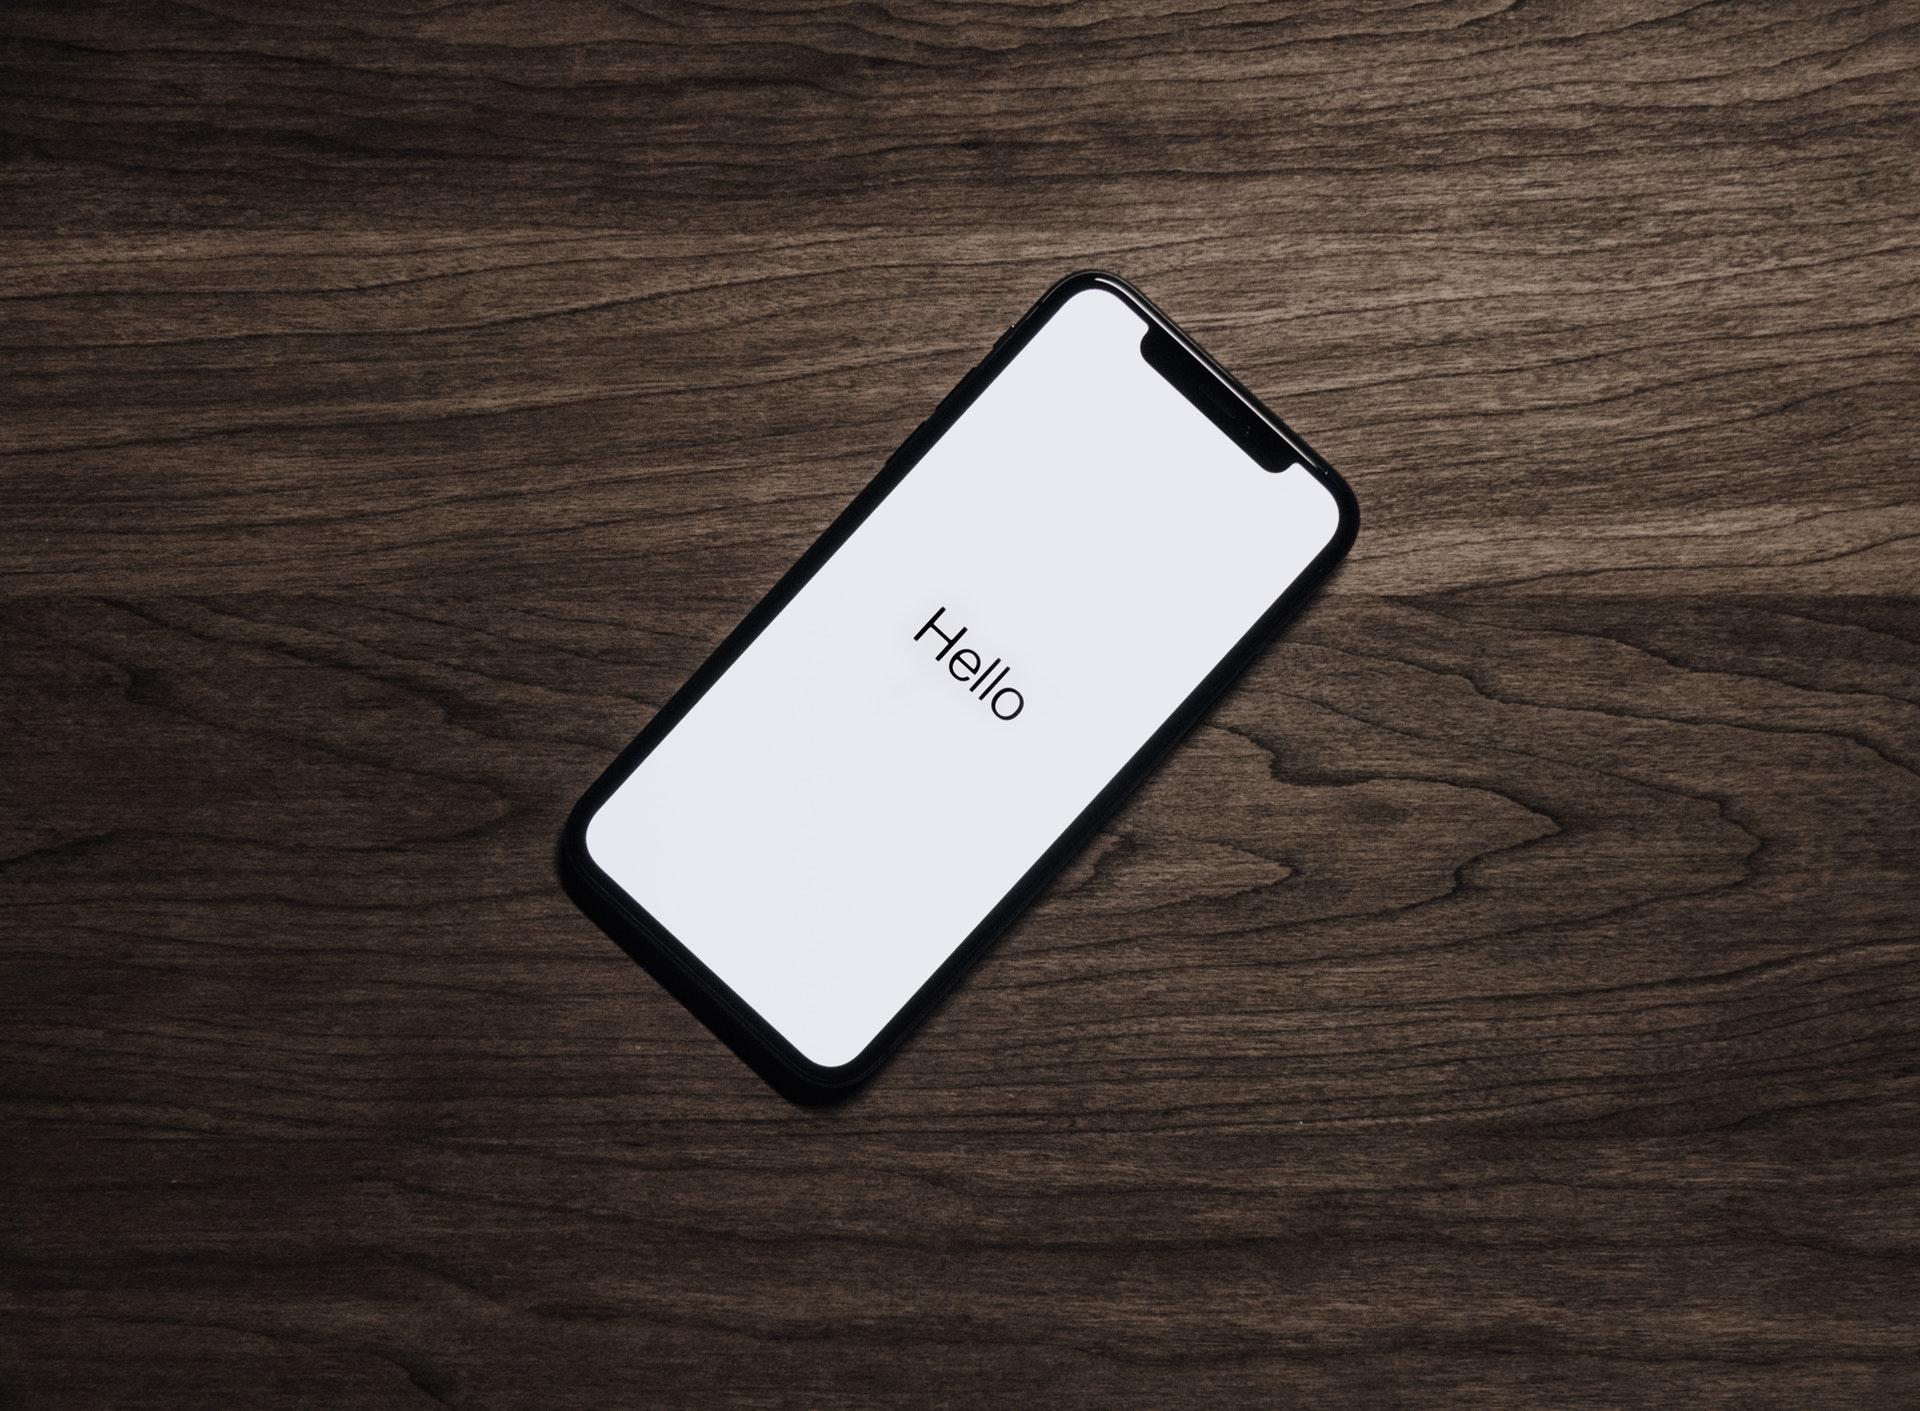 Helloの文字が表示されたスマートフォン